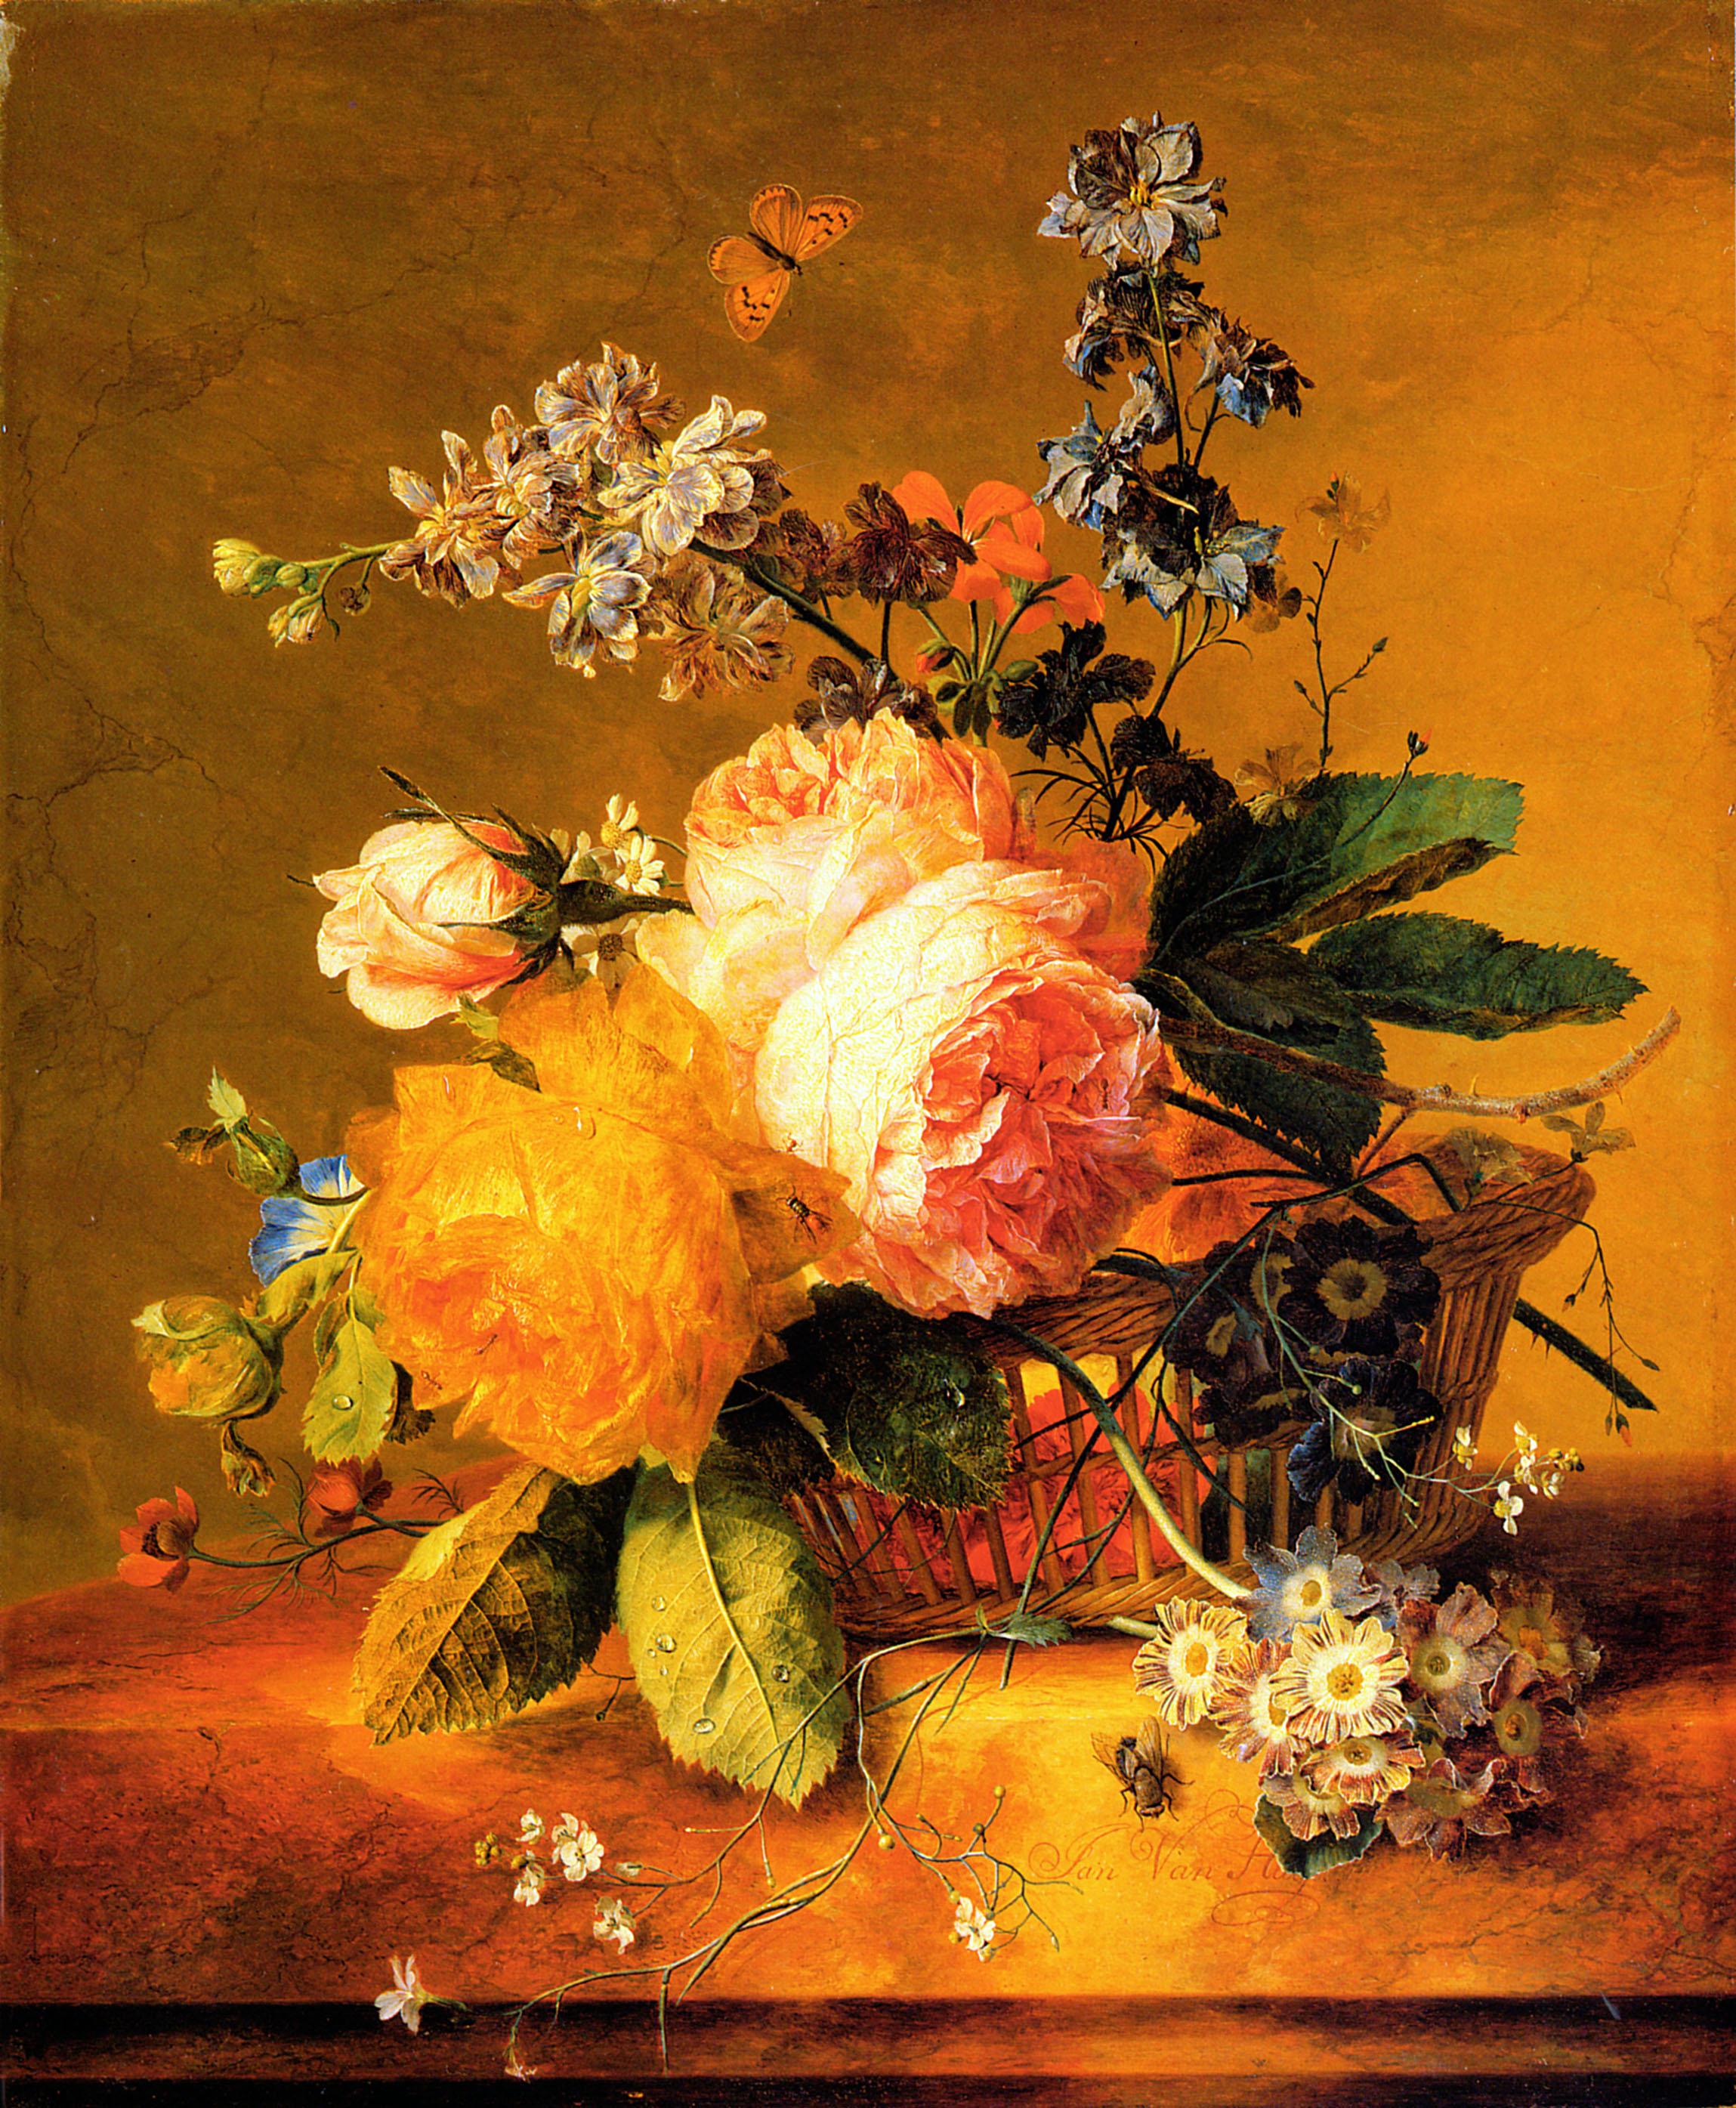 K Pase Oil Paintings